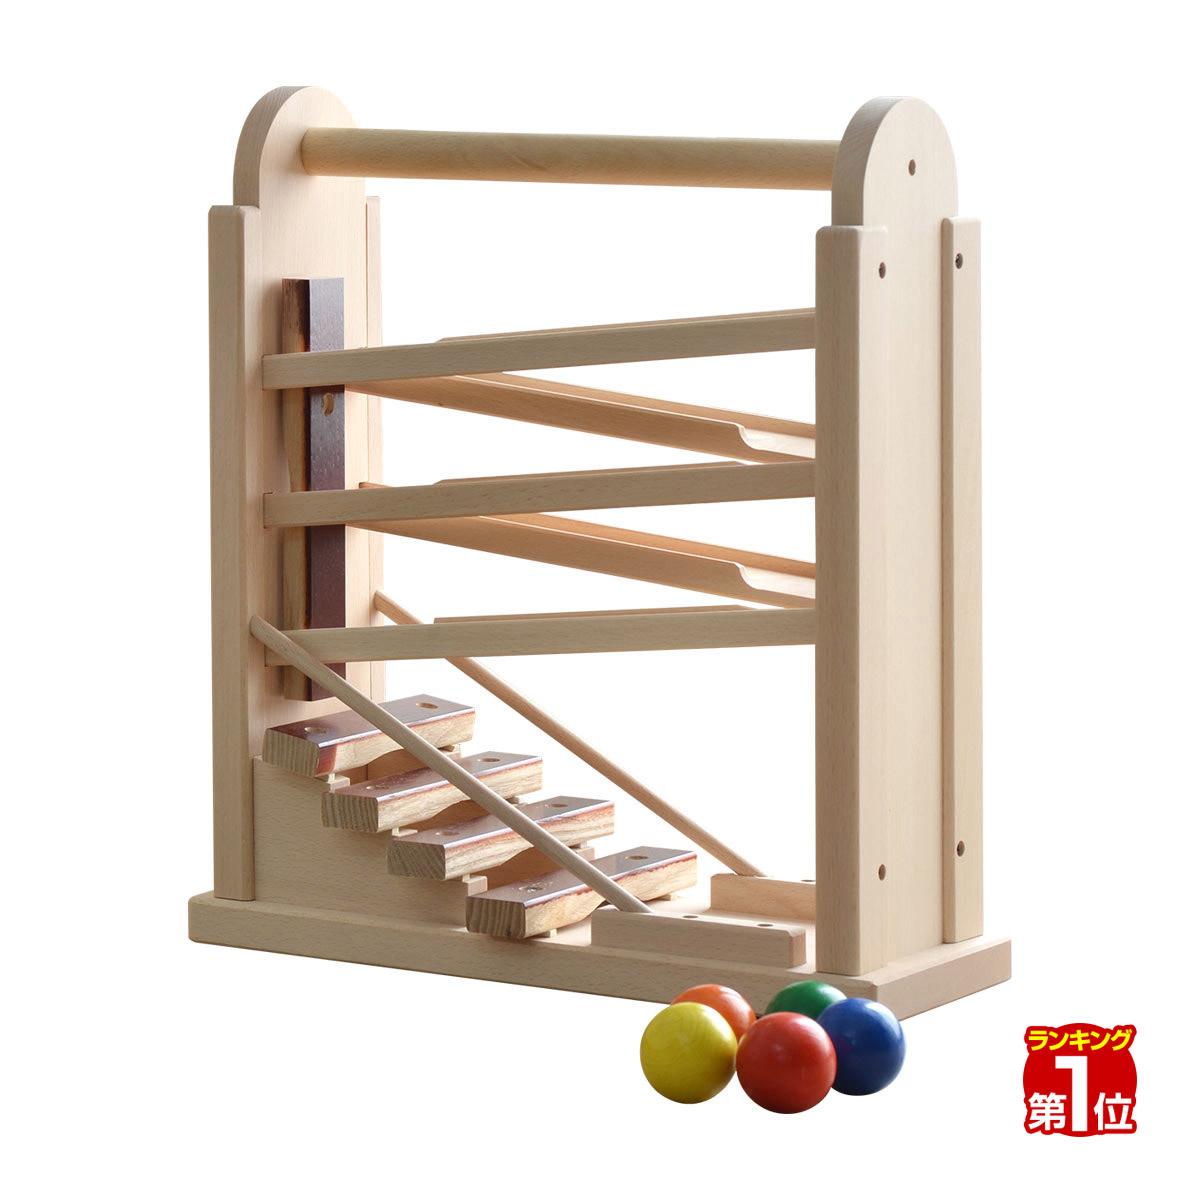 1年保証 コイデ KOIDE 日本製 おもちゃ 玩具 コロコロシロホン M63 木琴 ボール 楽器 スロープ 知育 室内 3歳 男の子 女の子 子供 幼児 ベビー 知育玩具 出産祝い 誕生日 ウッド 天然木 国産 ★[送料無料]